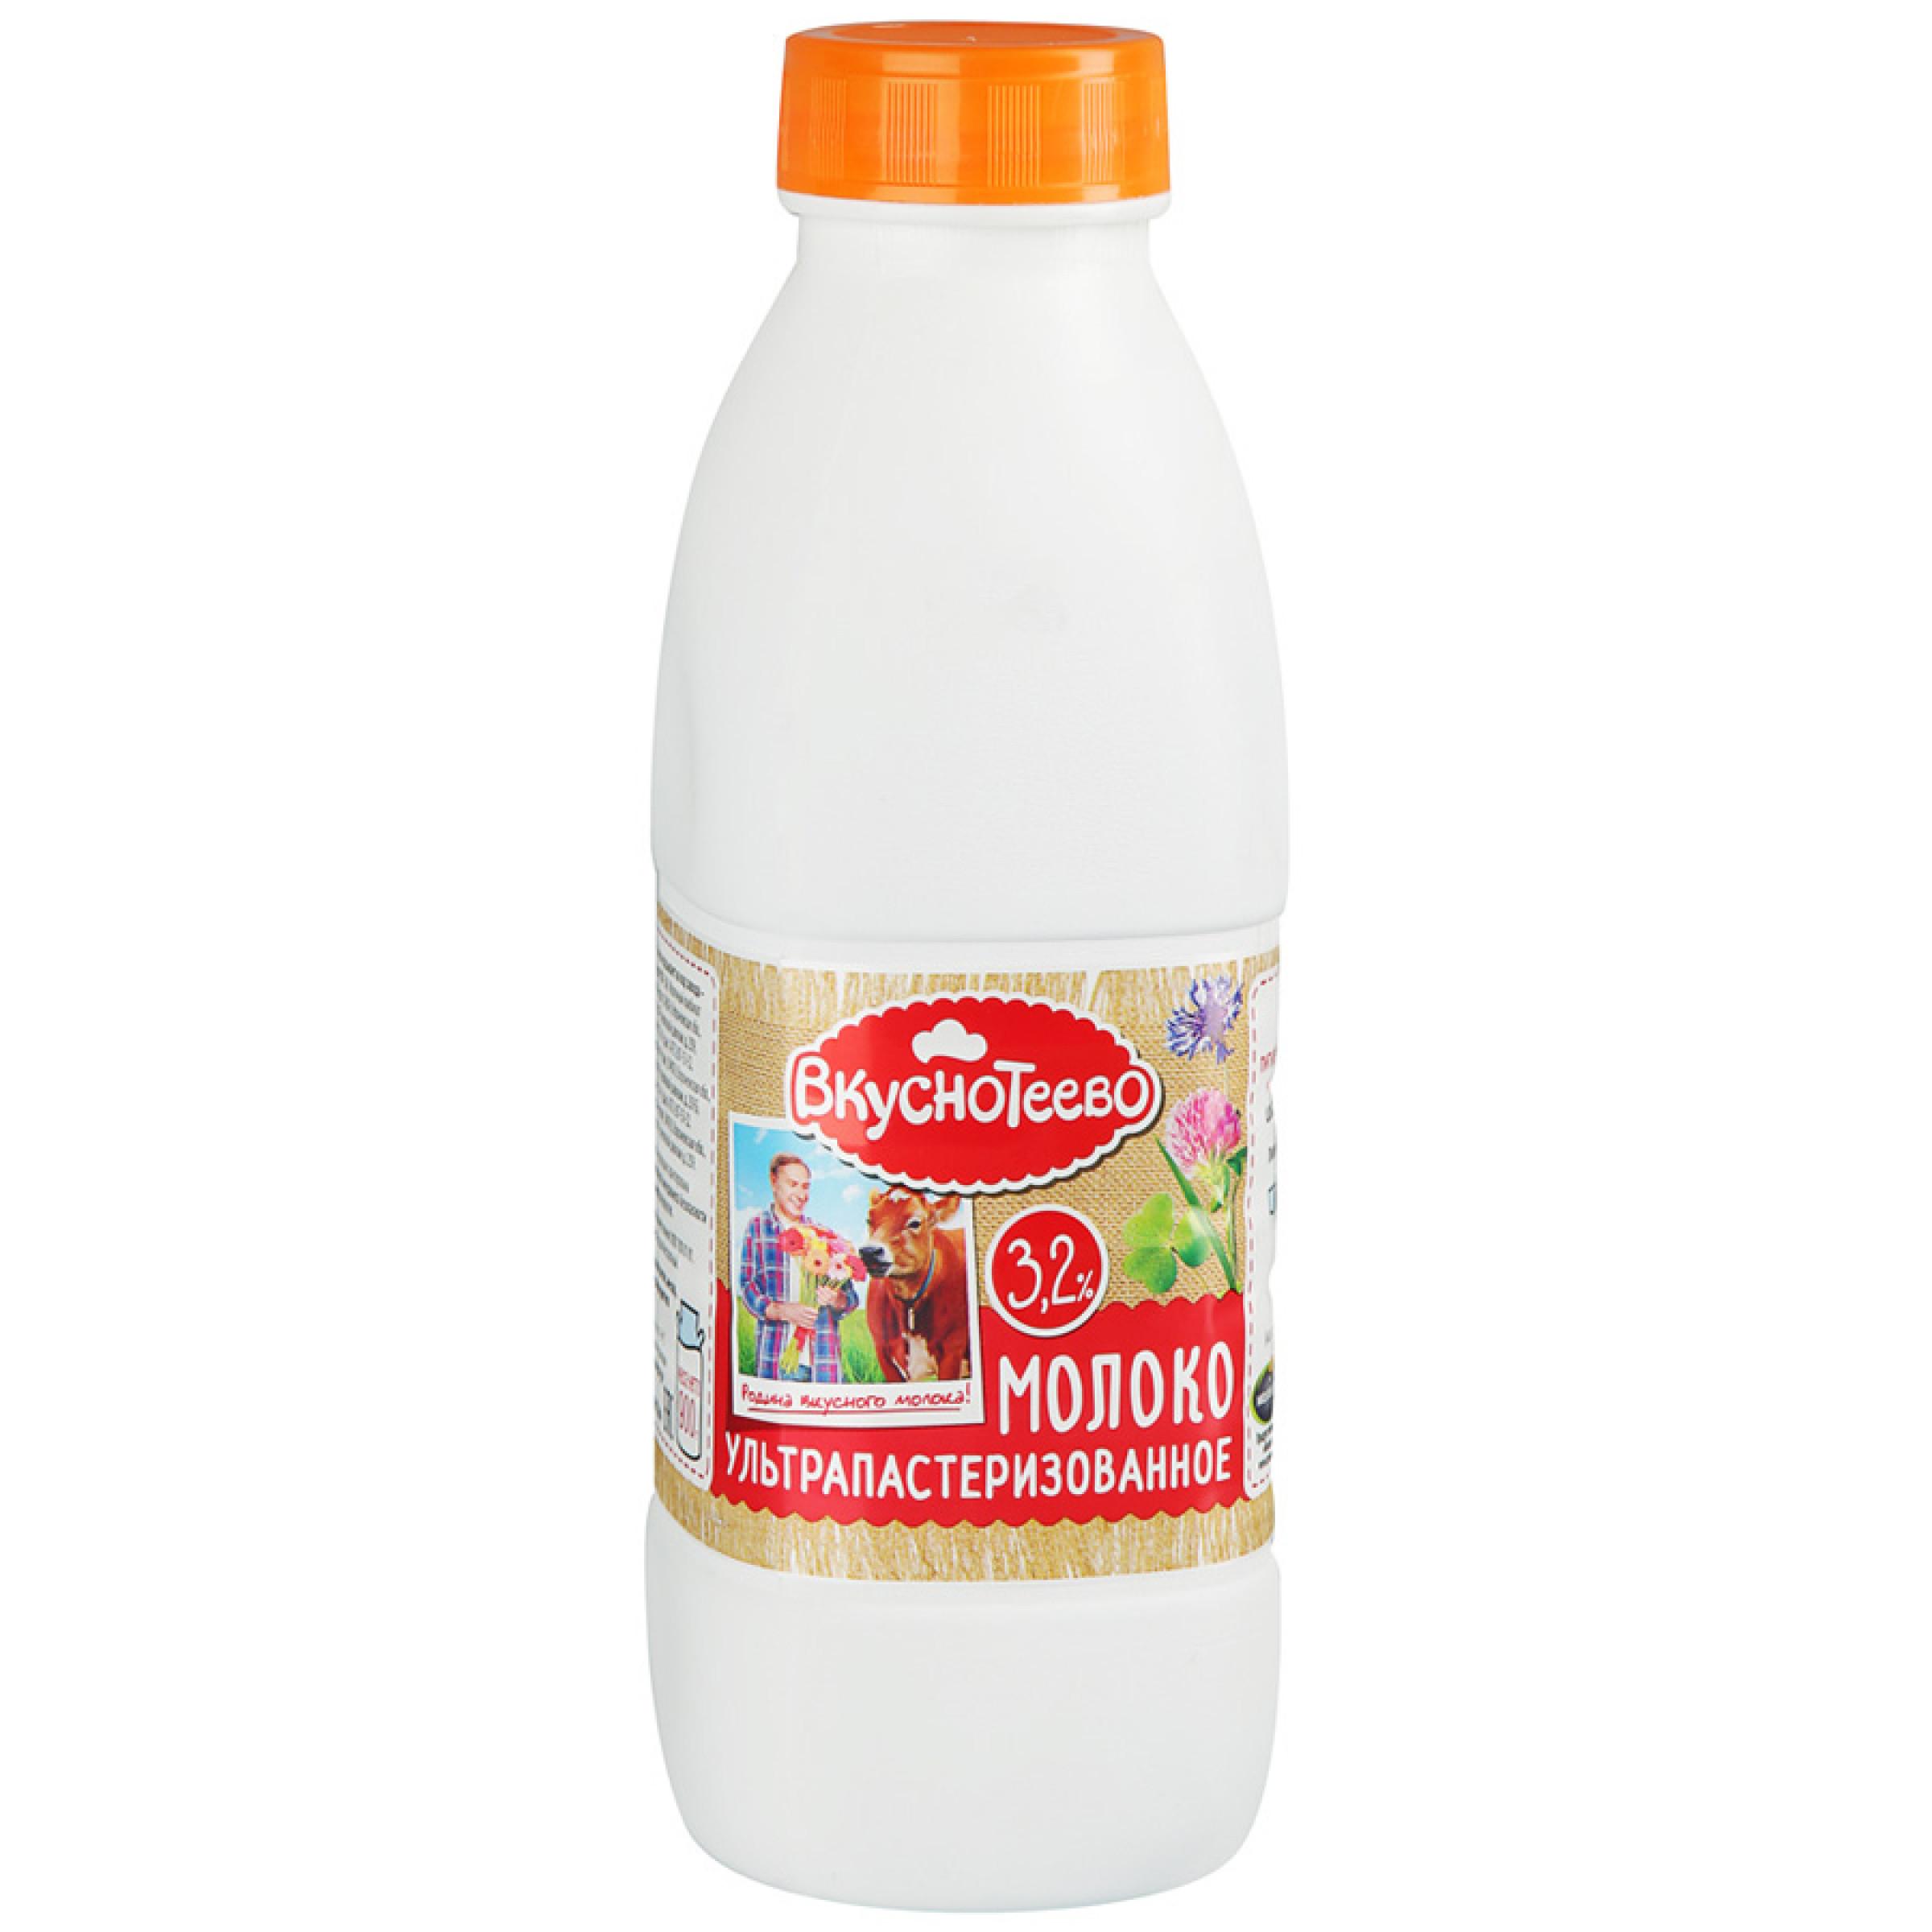 """Молоко """"Вкуснотеево"""" 3,2% ультрапастеризованное, 900гр."""